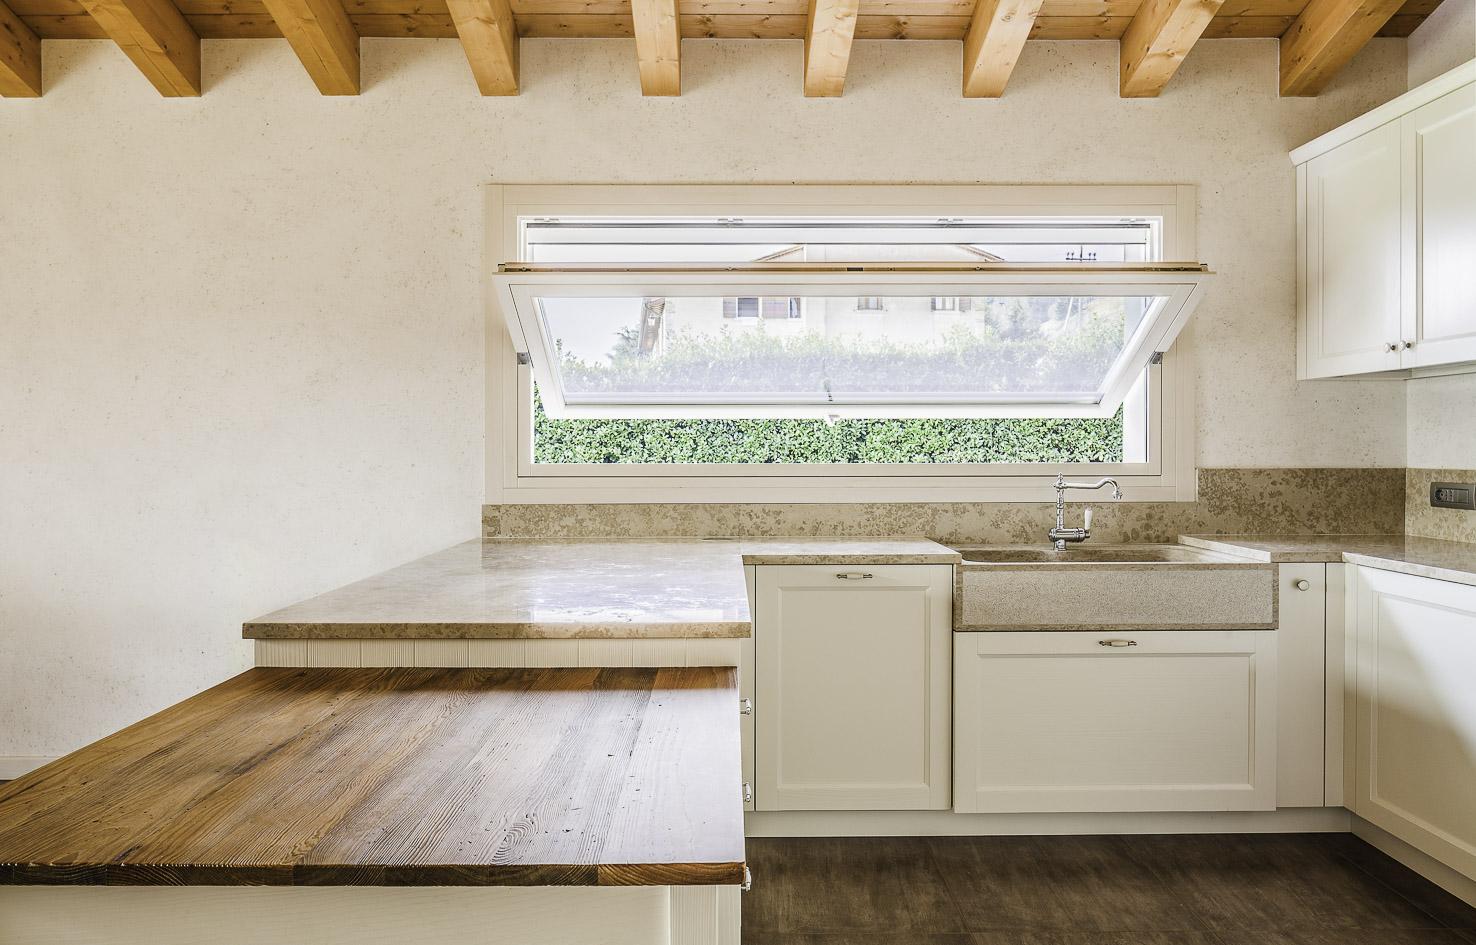 Piccolotto serramenti da pi di 50 anni realizziamo for Progettazione di mobili lavorazione del legno